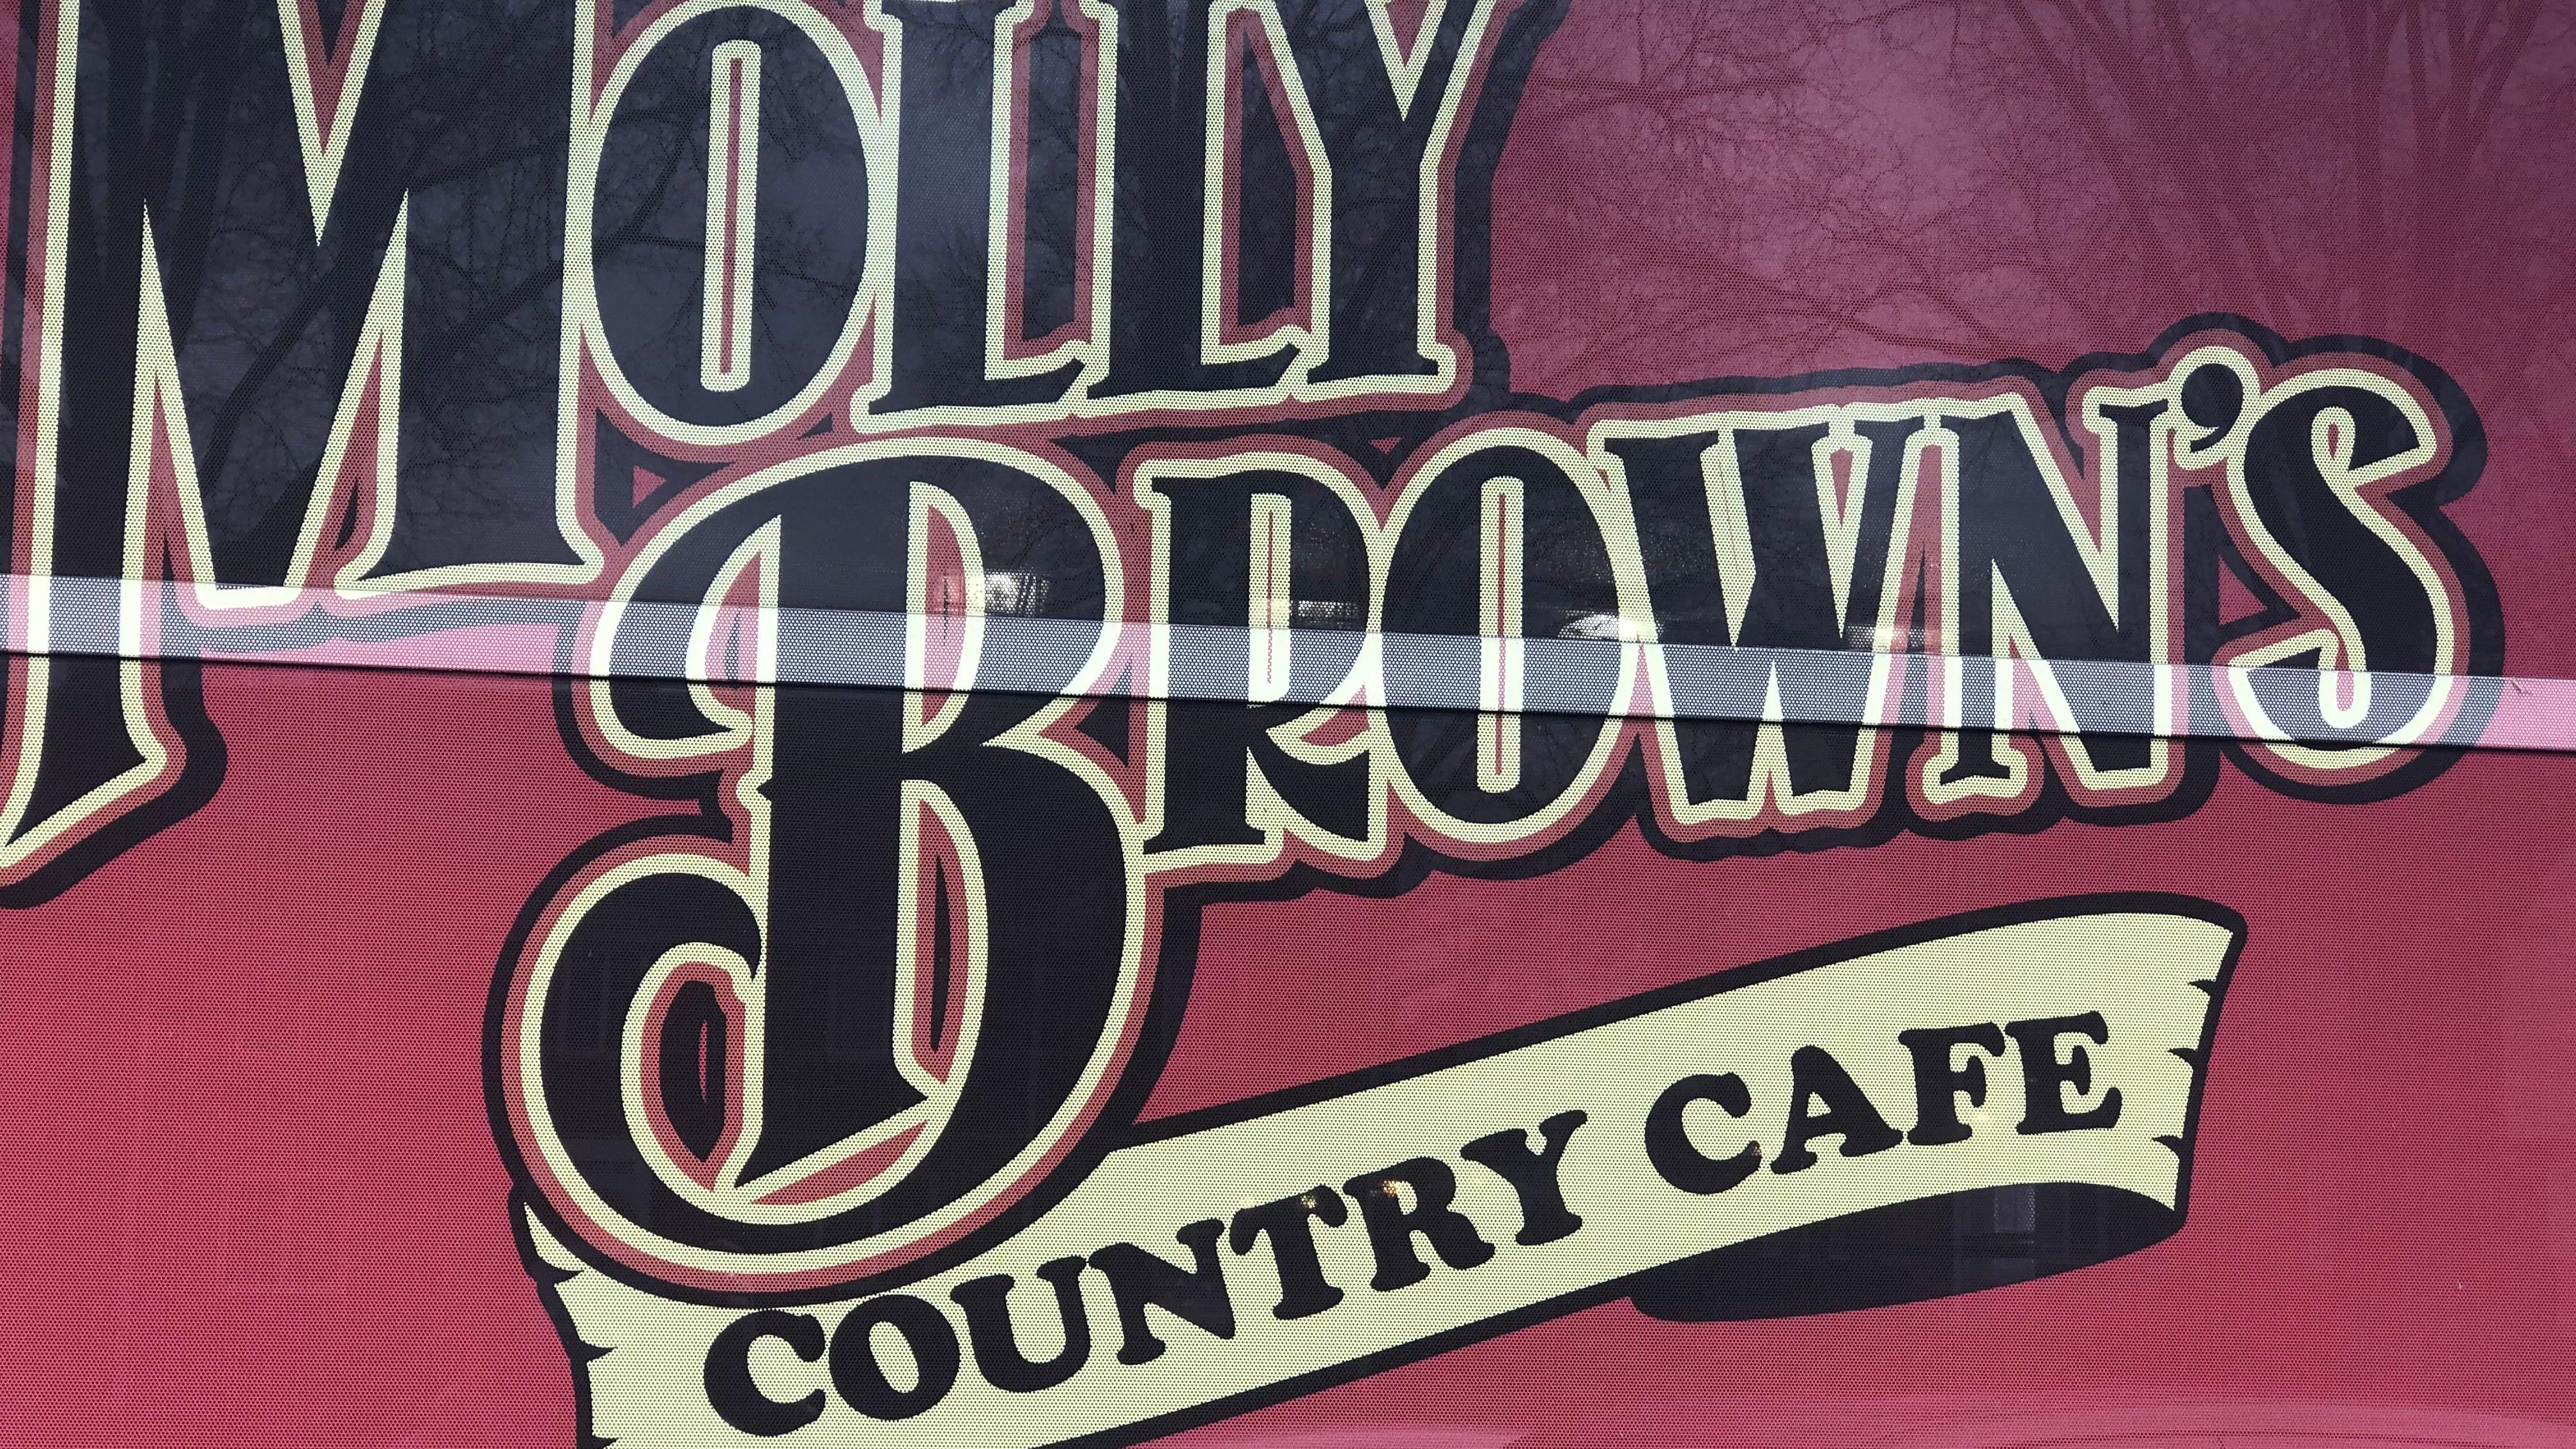 Molly Brown's ha estado en State Road en Cuyahoga Falls durante 11 años.